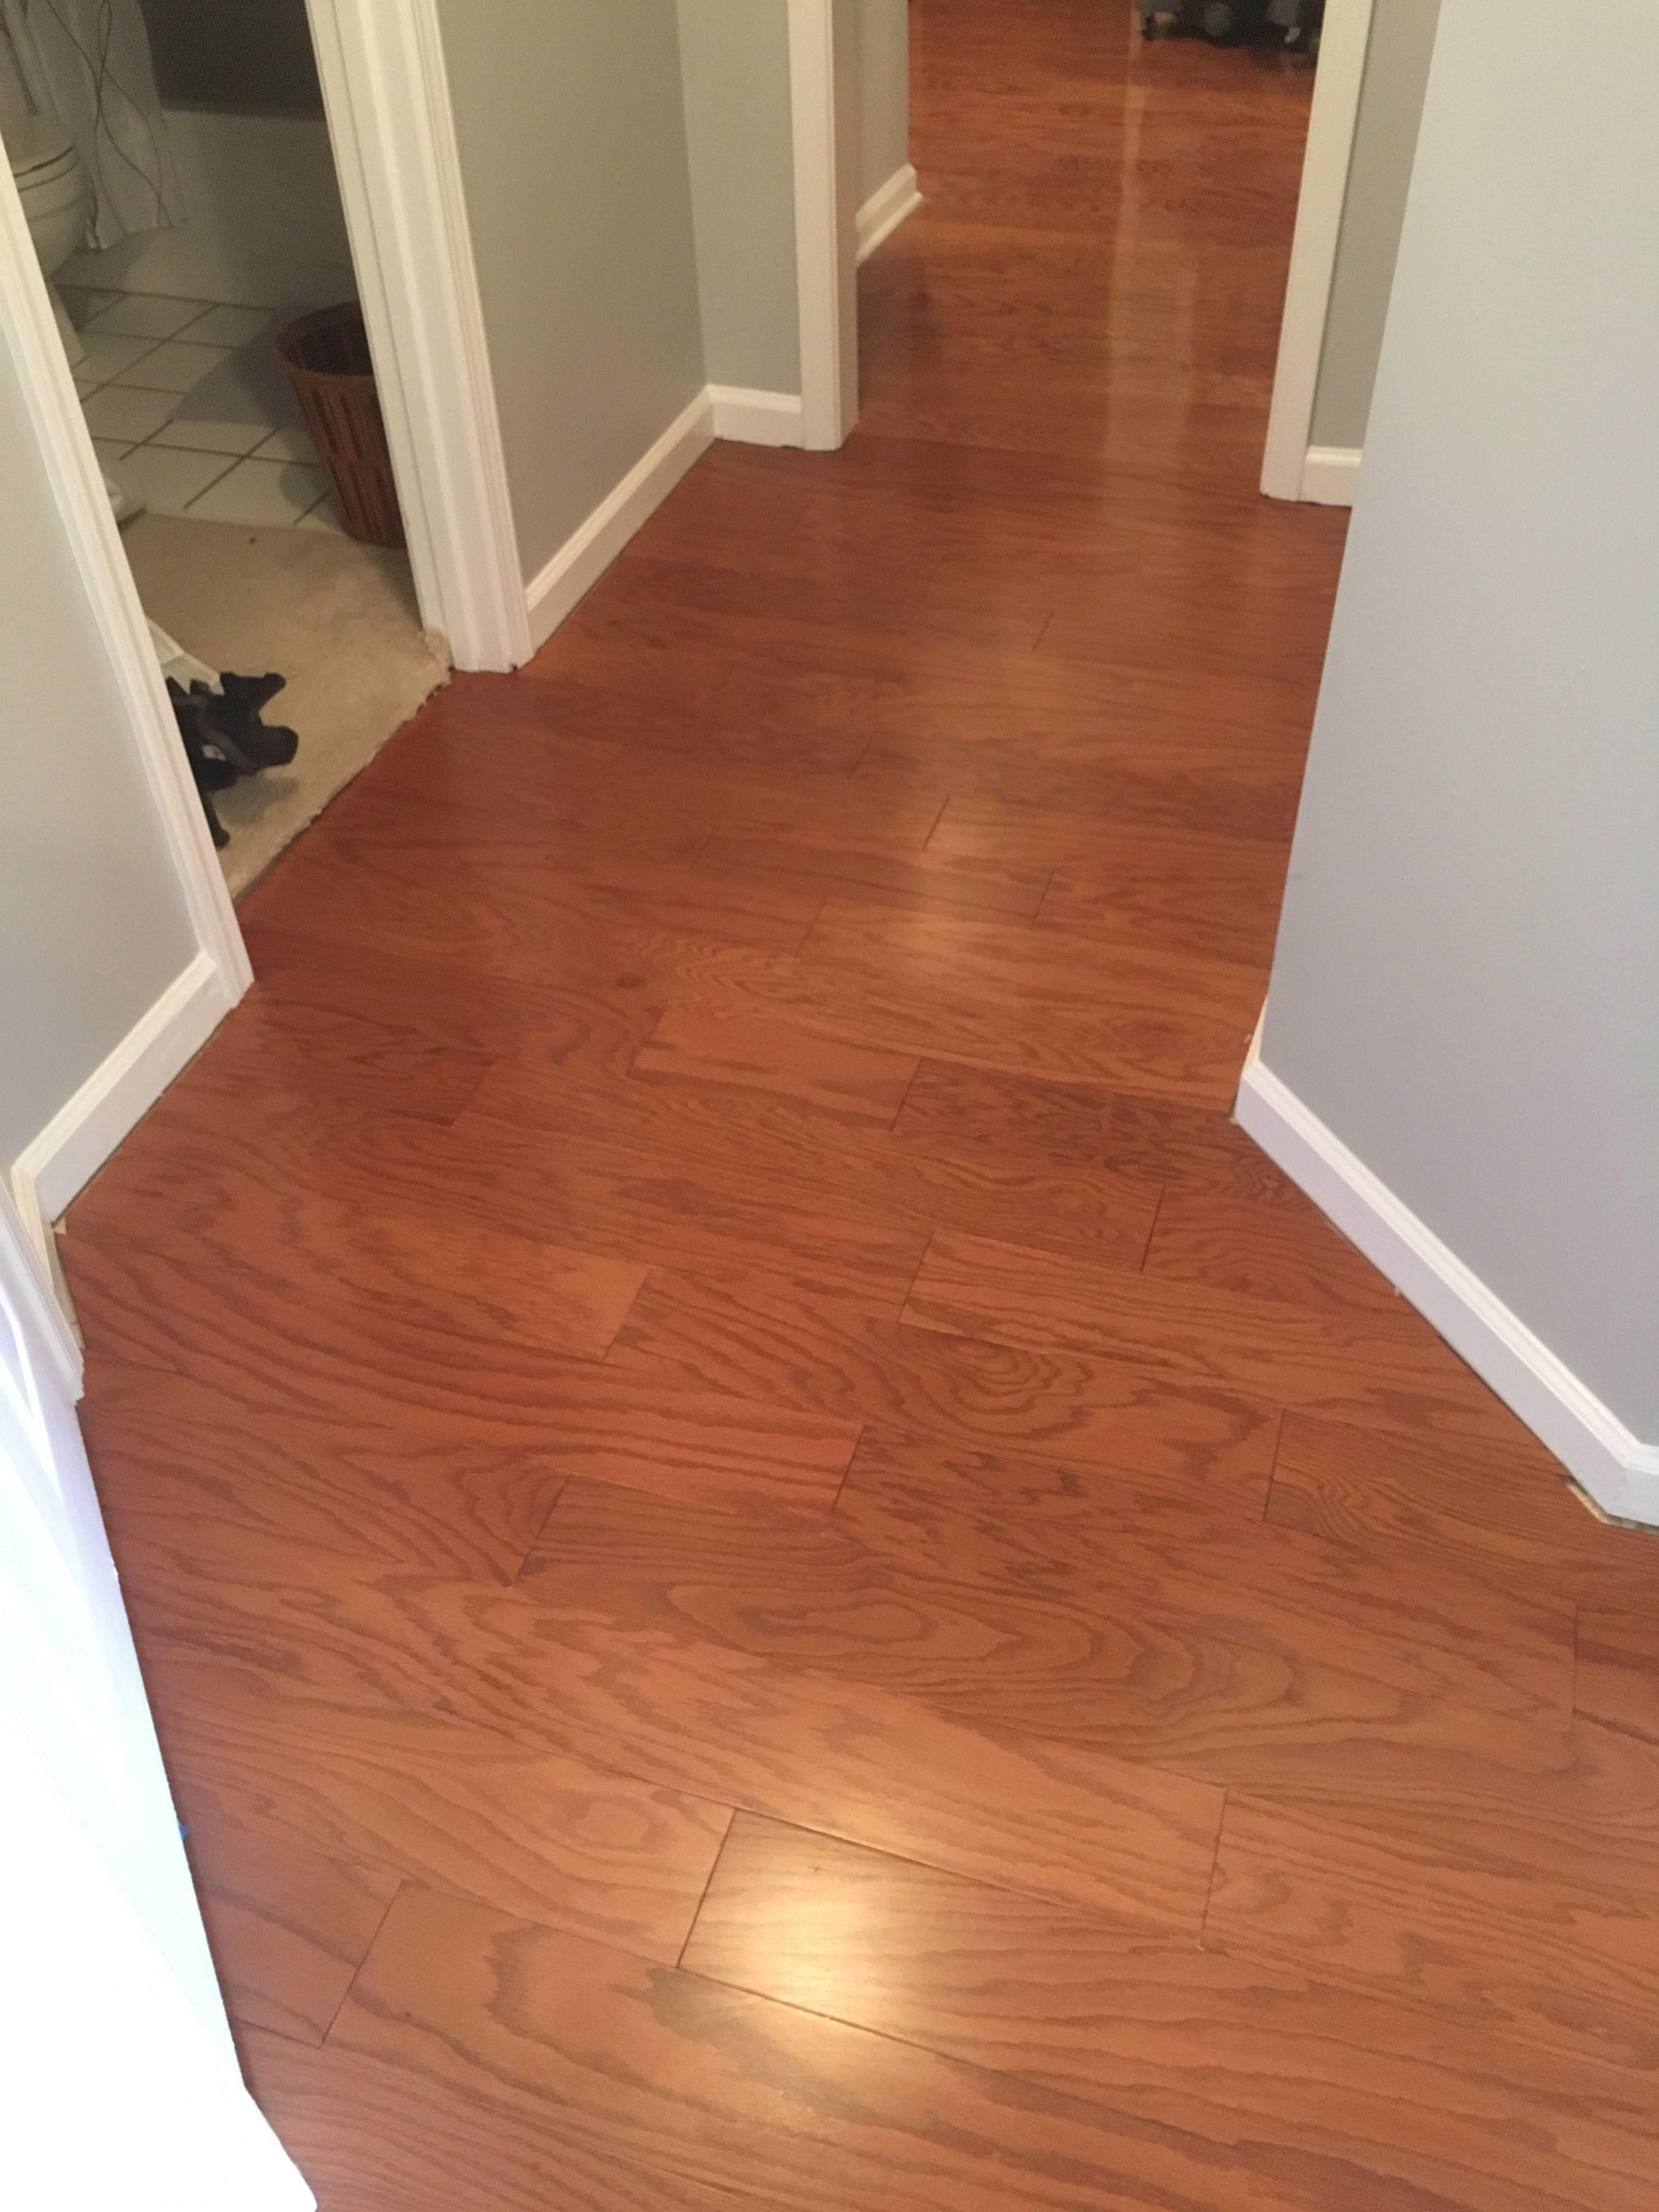 Laminate Hardwood Flooring Memphis Tennessee Laminate Hardwood Flooring Floor Installation Flooring